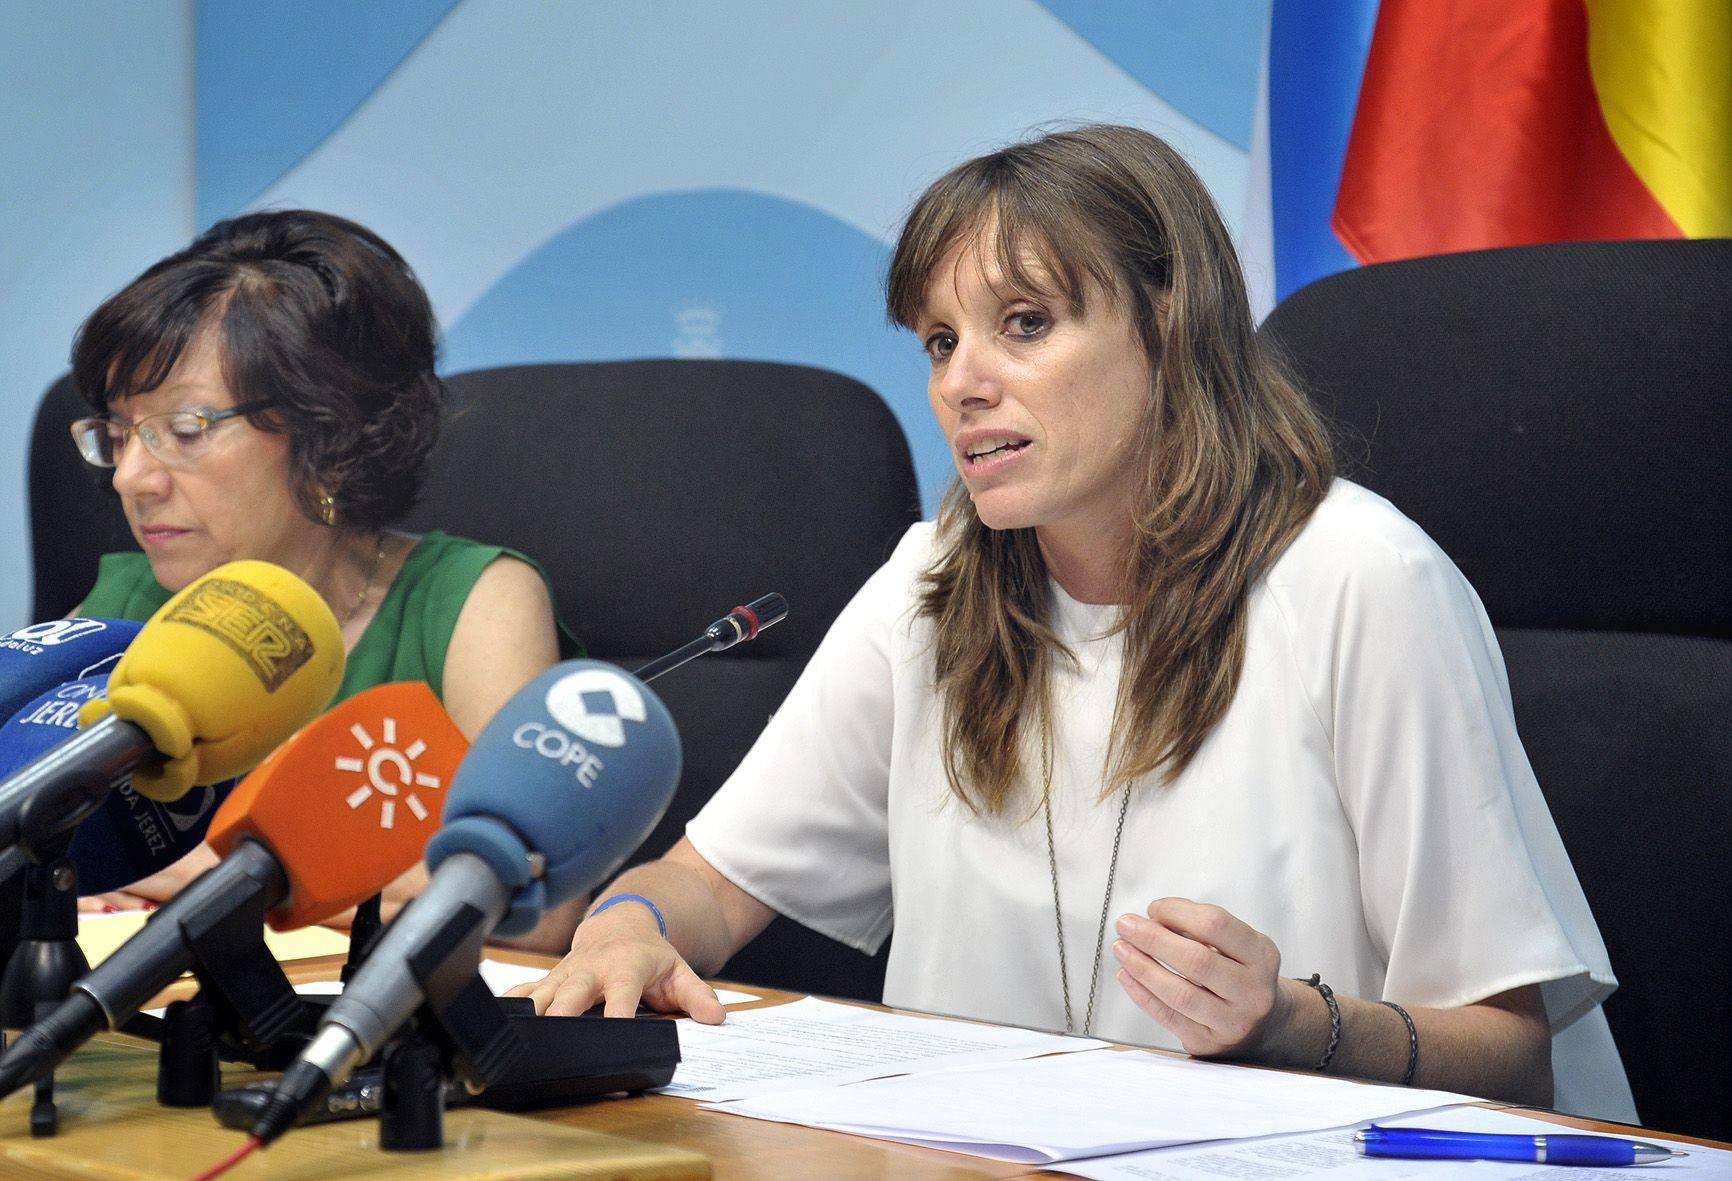 Laura_Alvarez_y_C_Collado_en_rueda_de_prensa___Foto_MLopez_Iglesias